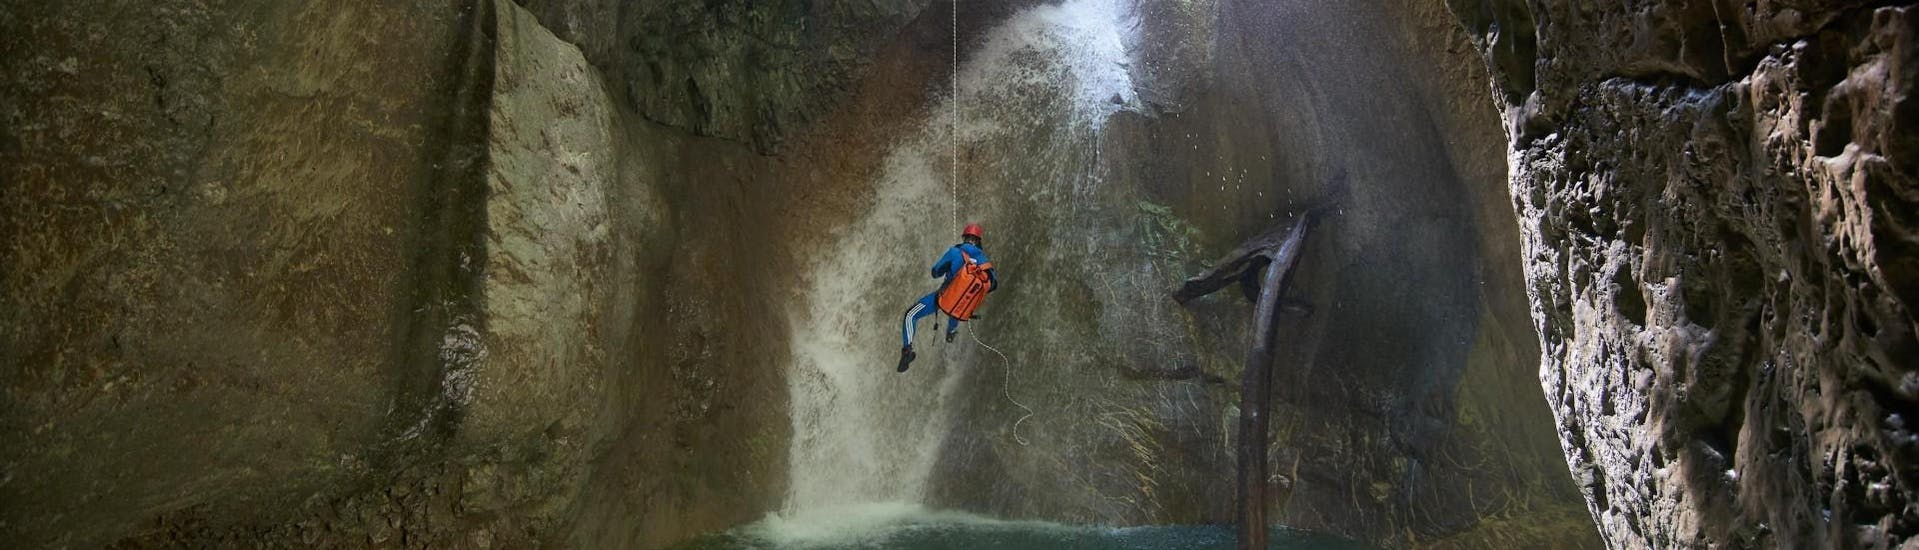 canyoning-jurassic---auerklamm-faszinatour-hero